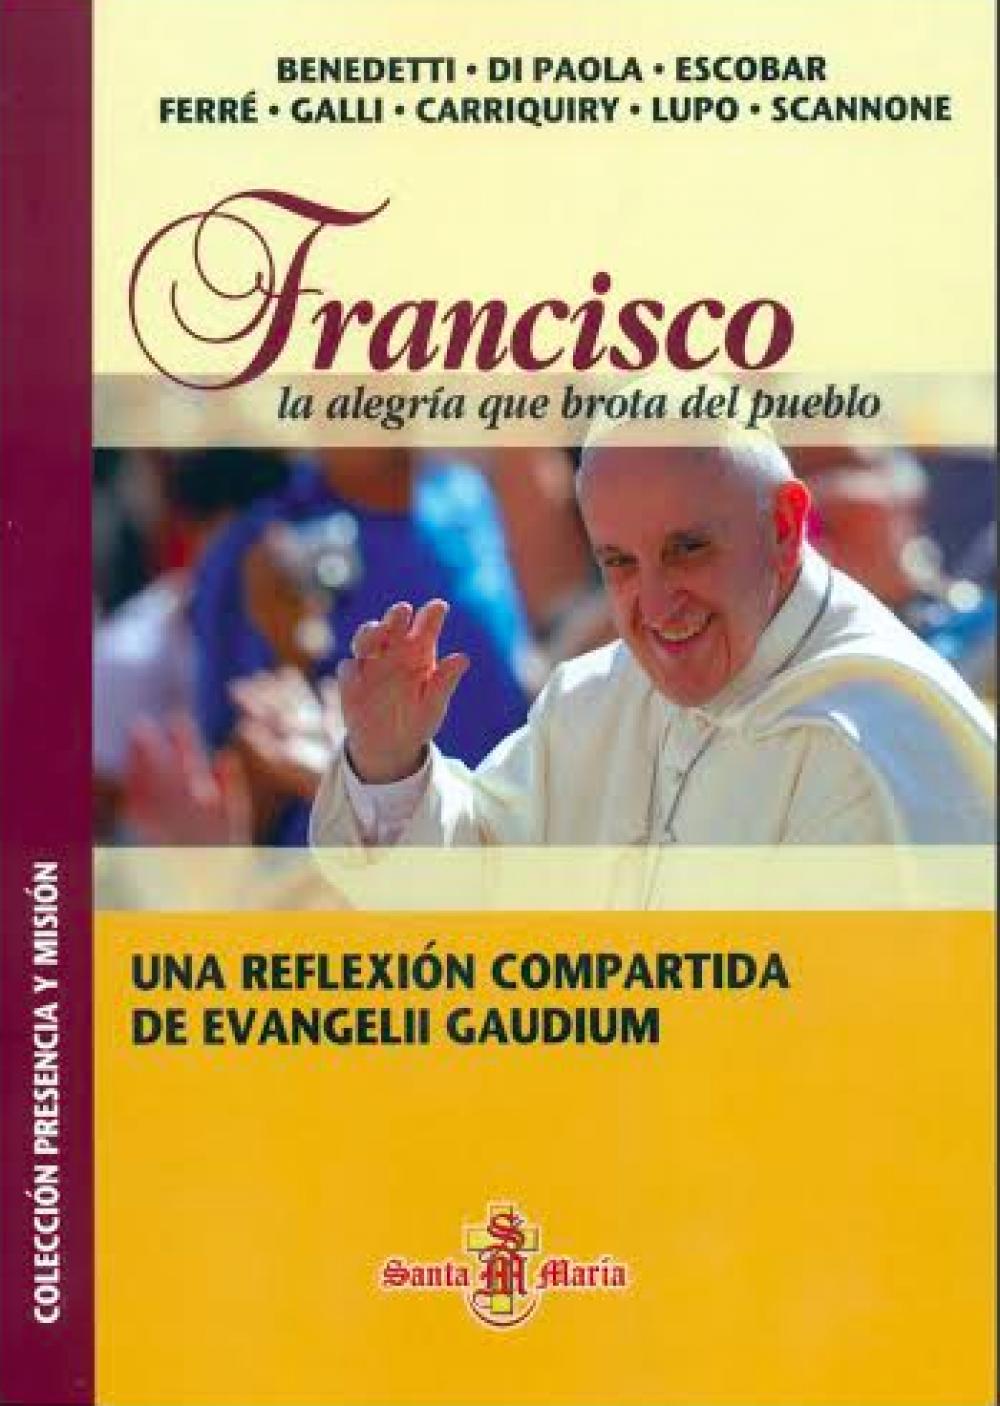 Francisco, el deporte y la globalización